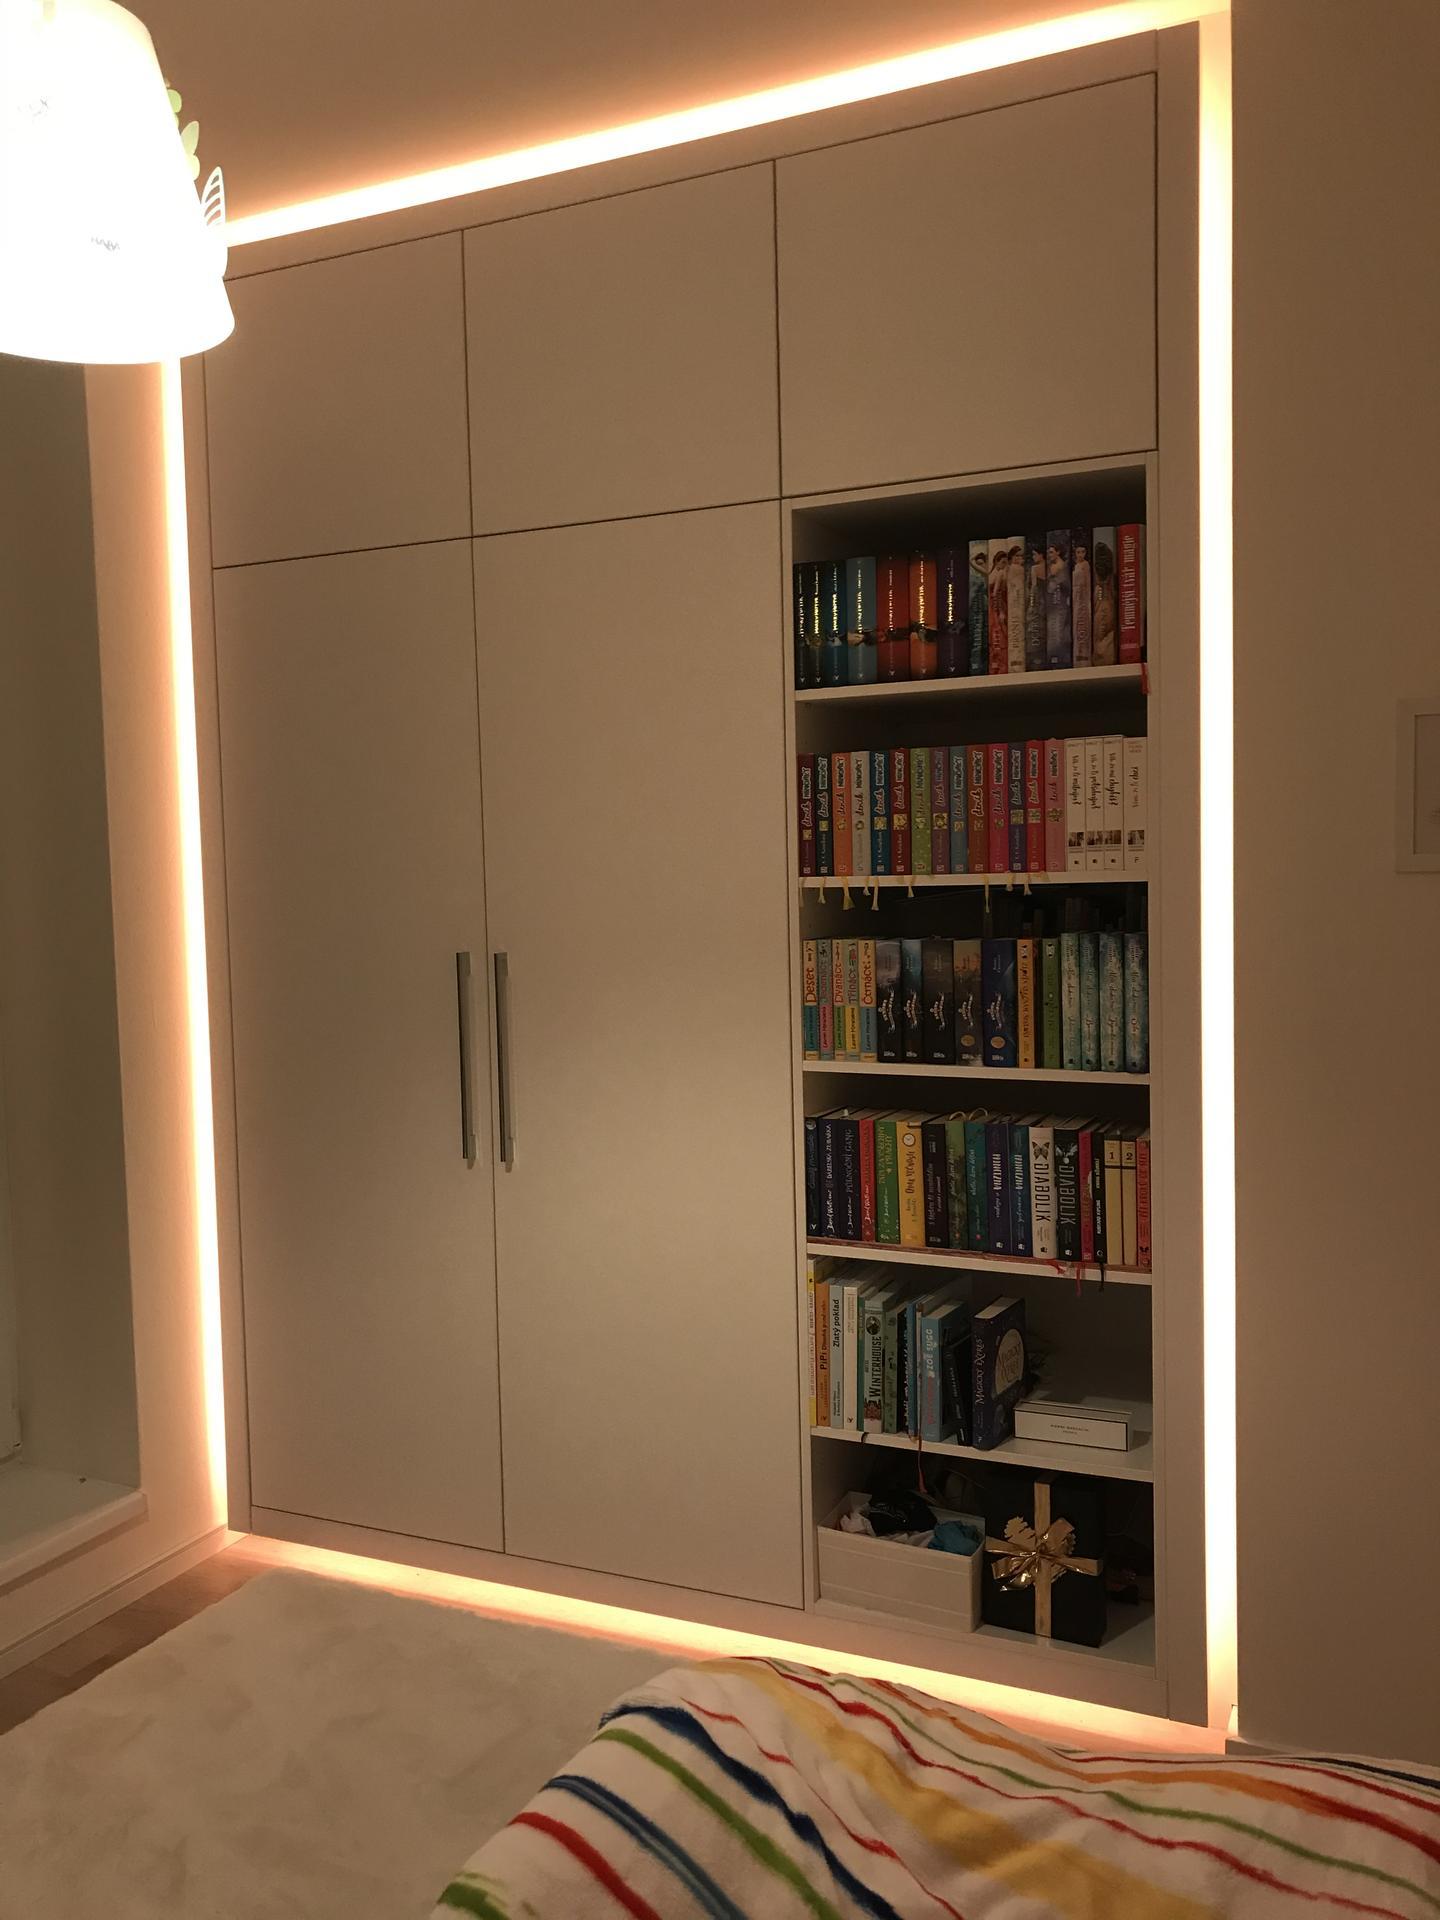 Vestavna skříň s knihovnou pro dceru.  Vychytavkou je led osvětlení kolem skříně ve 24 barvách:) Dcera sedí s dálkovým ovladačem na posteli a mění si barvičky dle nálady:) - Obrázek č. 3